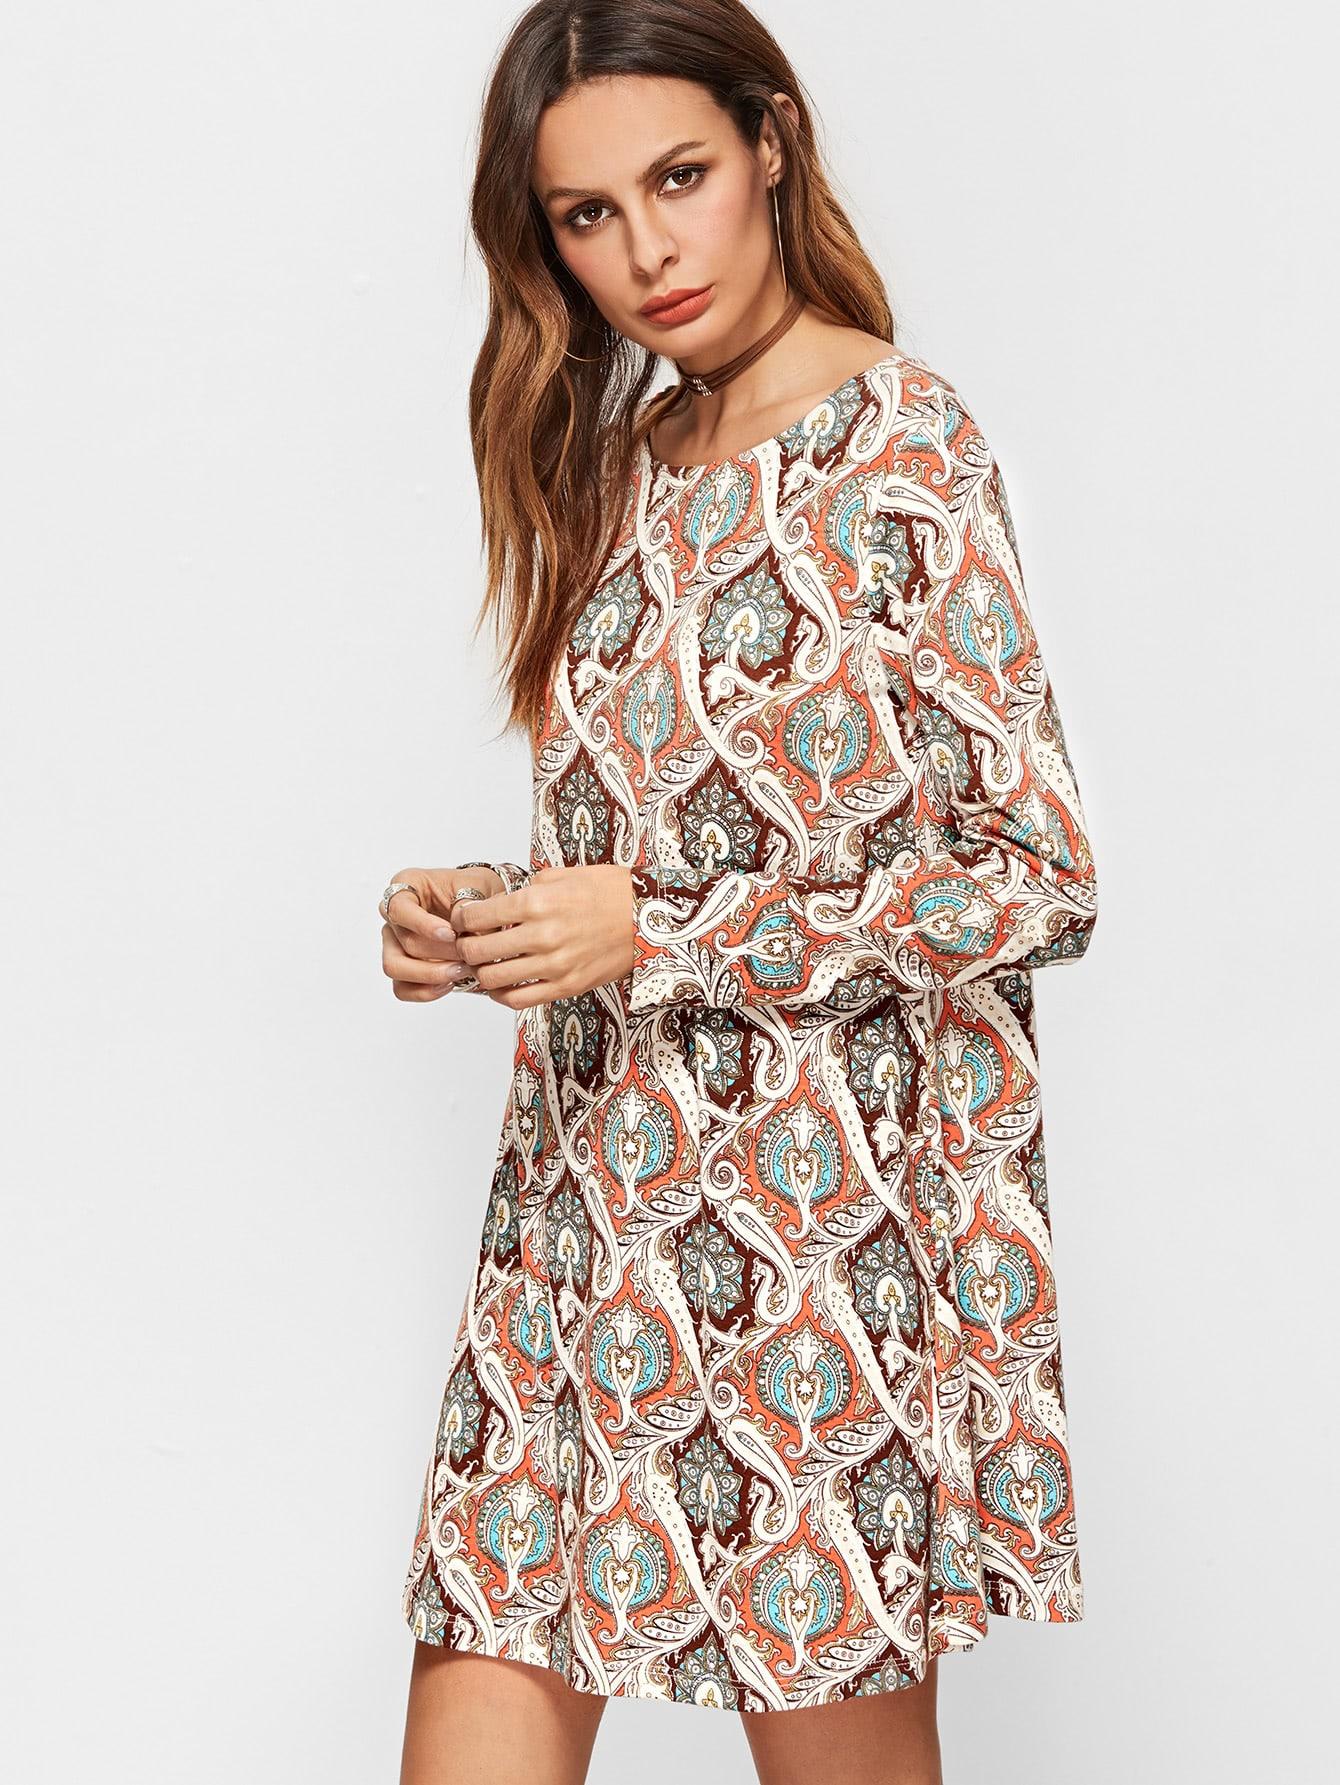 dress161206480_2